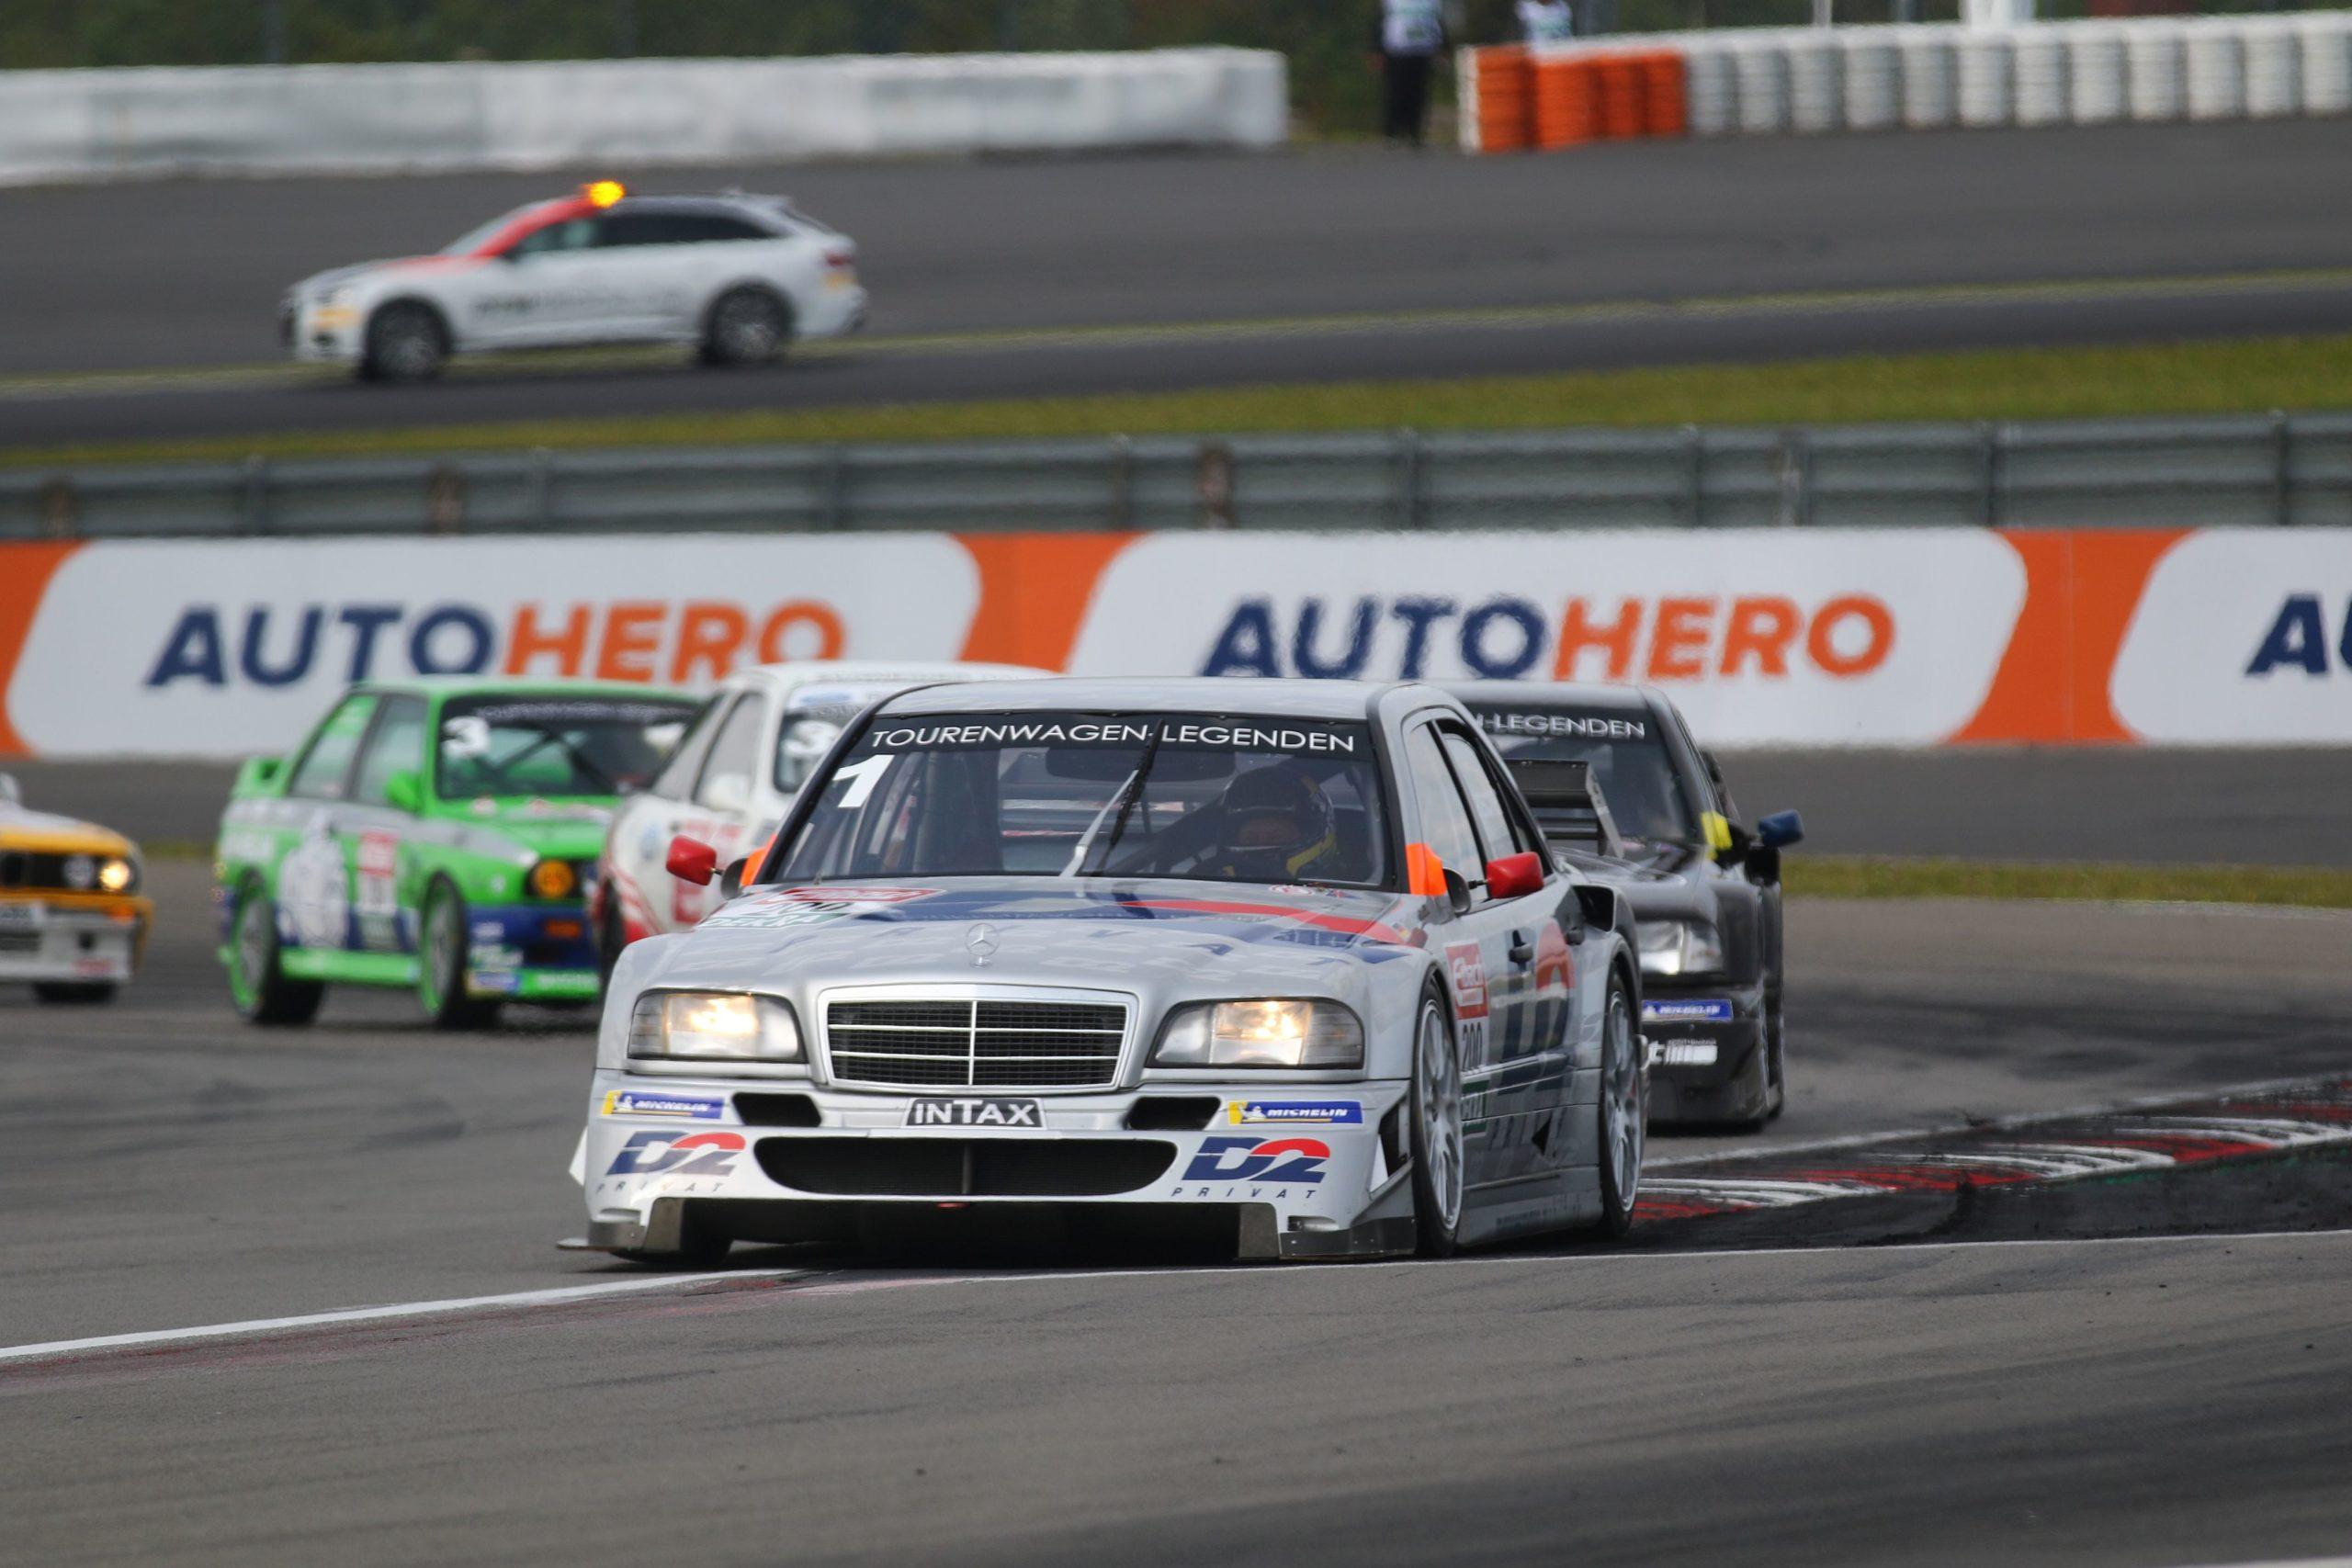 2021-DTM-Classic-Nuerburgring-tst-sport-und-technik-Mercedes-Benz-C-Klasse-Joerg-Hatscher-2116697